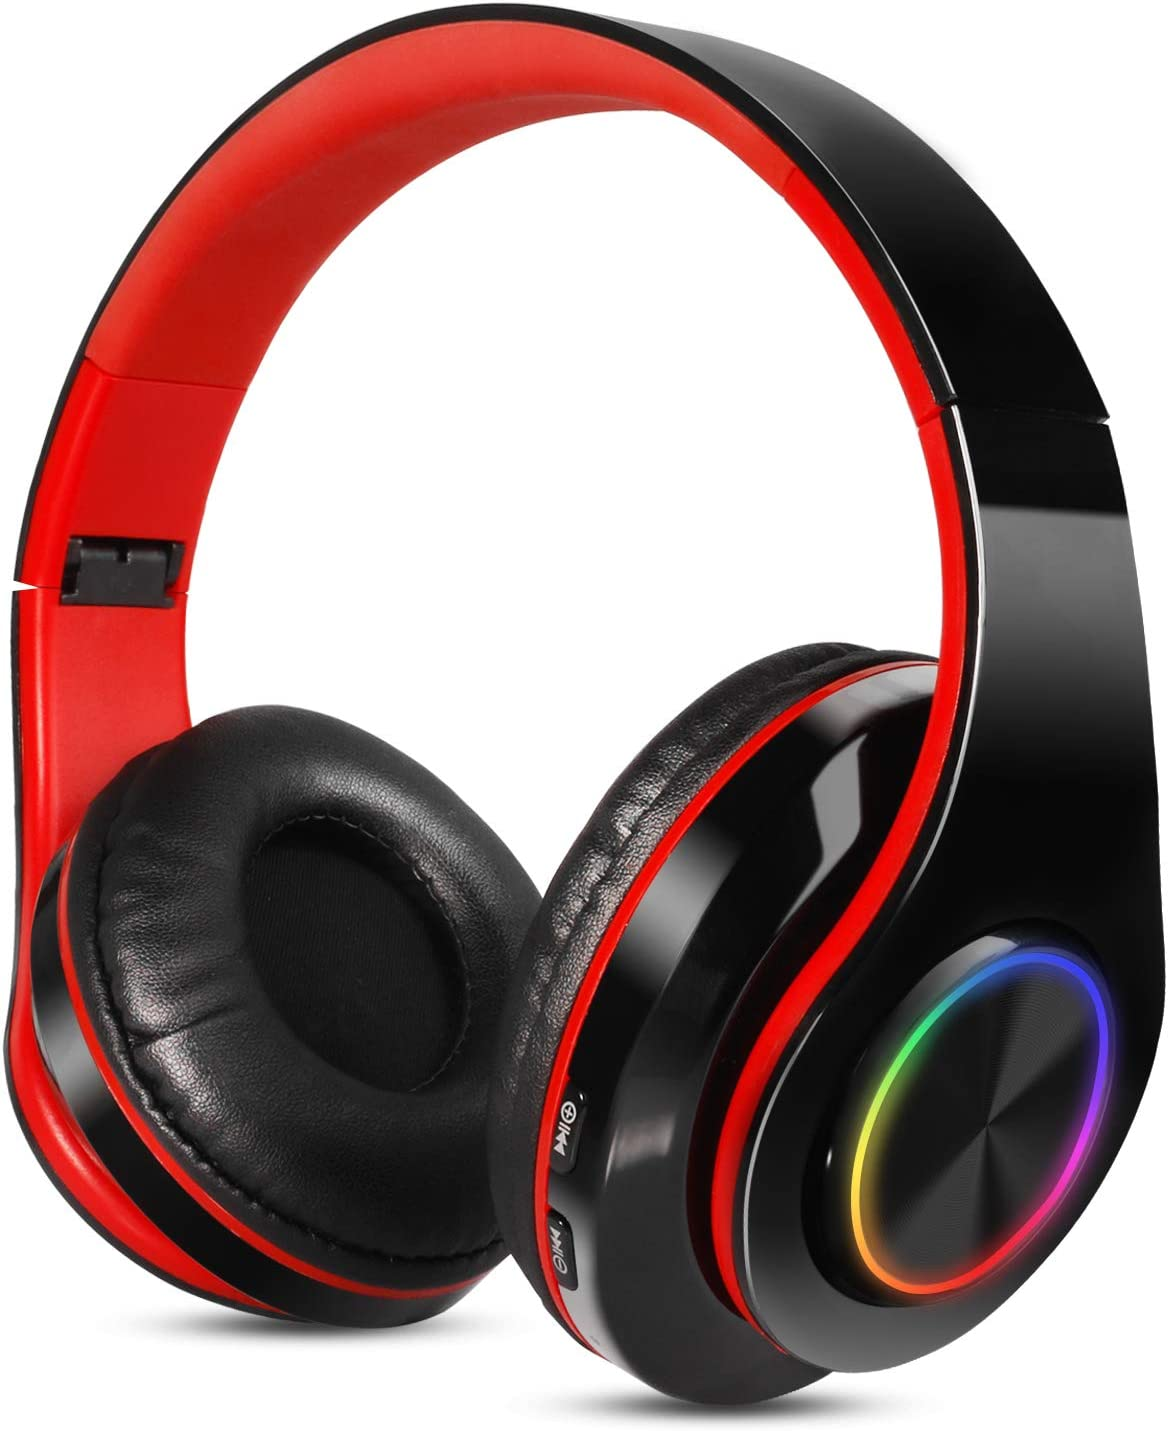 Sendowtek Auriculares sem Fios Diadema con micrófono Auriculares Bluetooth sem Fios Auriculares estéreo de Alta fidelidad con reducción de Ruido, adecuados para iPhone, Android, iPad, PC (Negro Rojo)